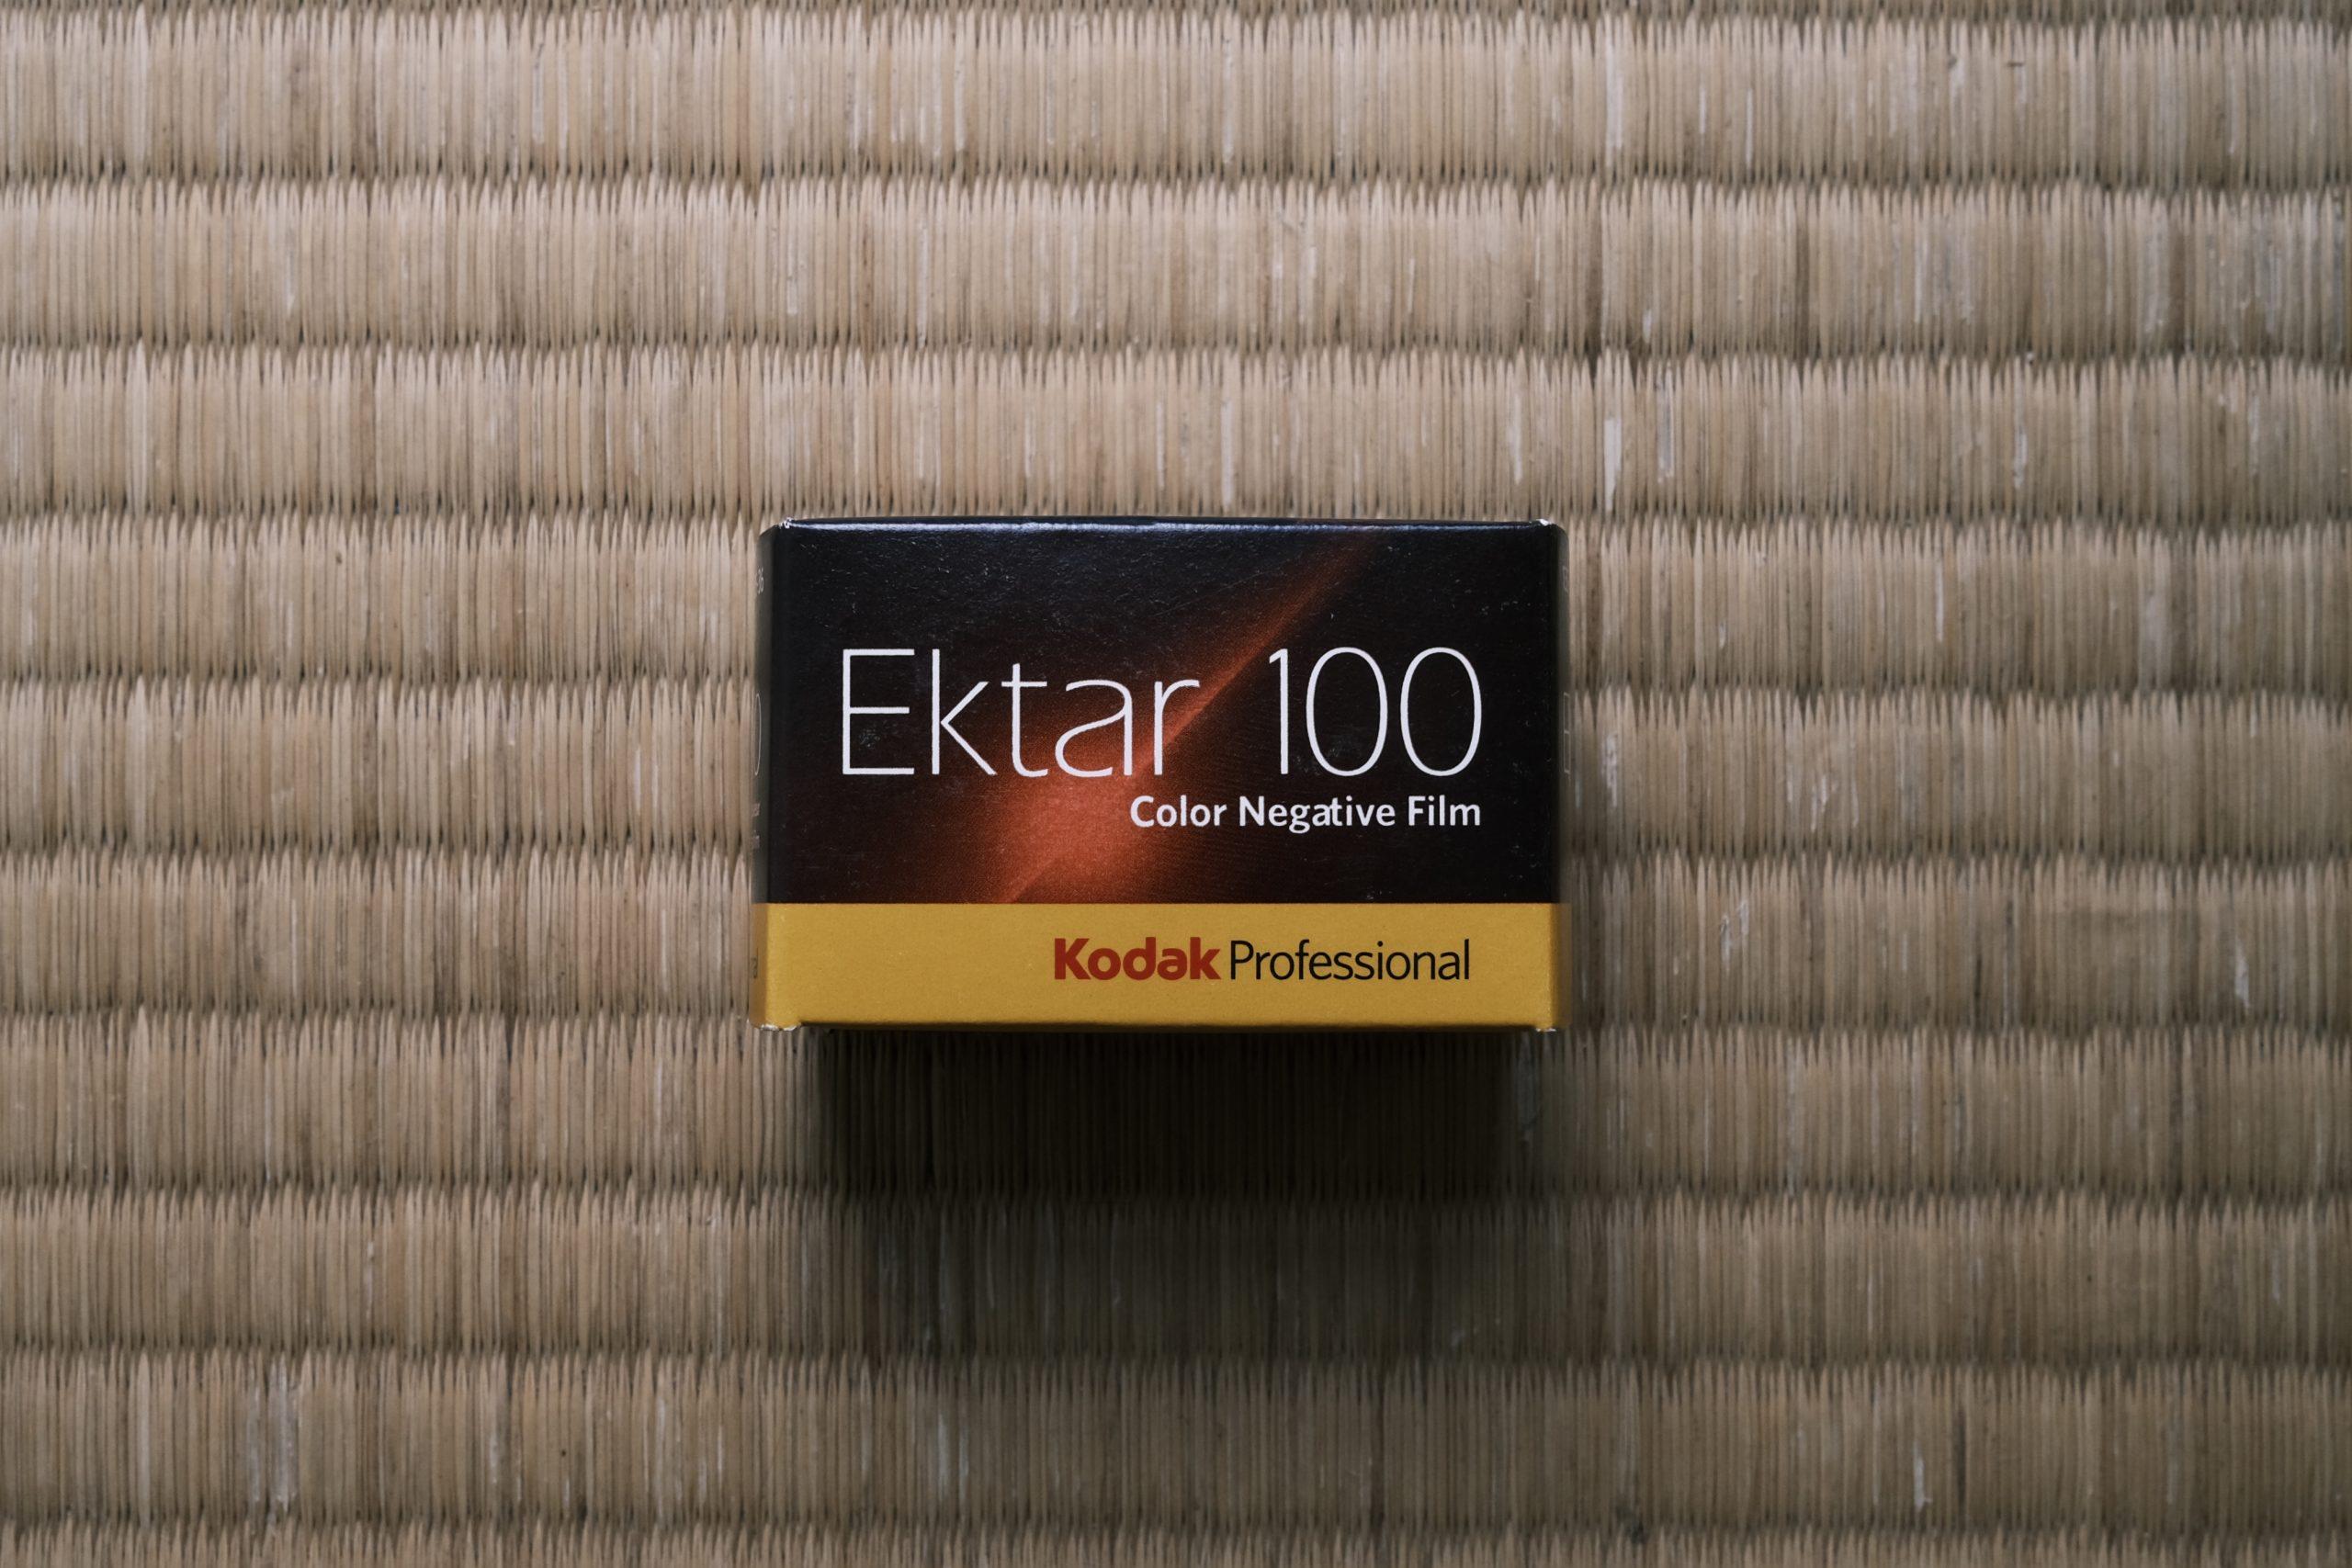 銀塩写真列伝 Kodak Ektar 100編